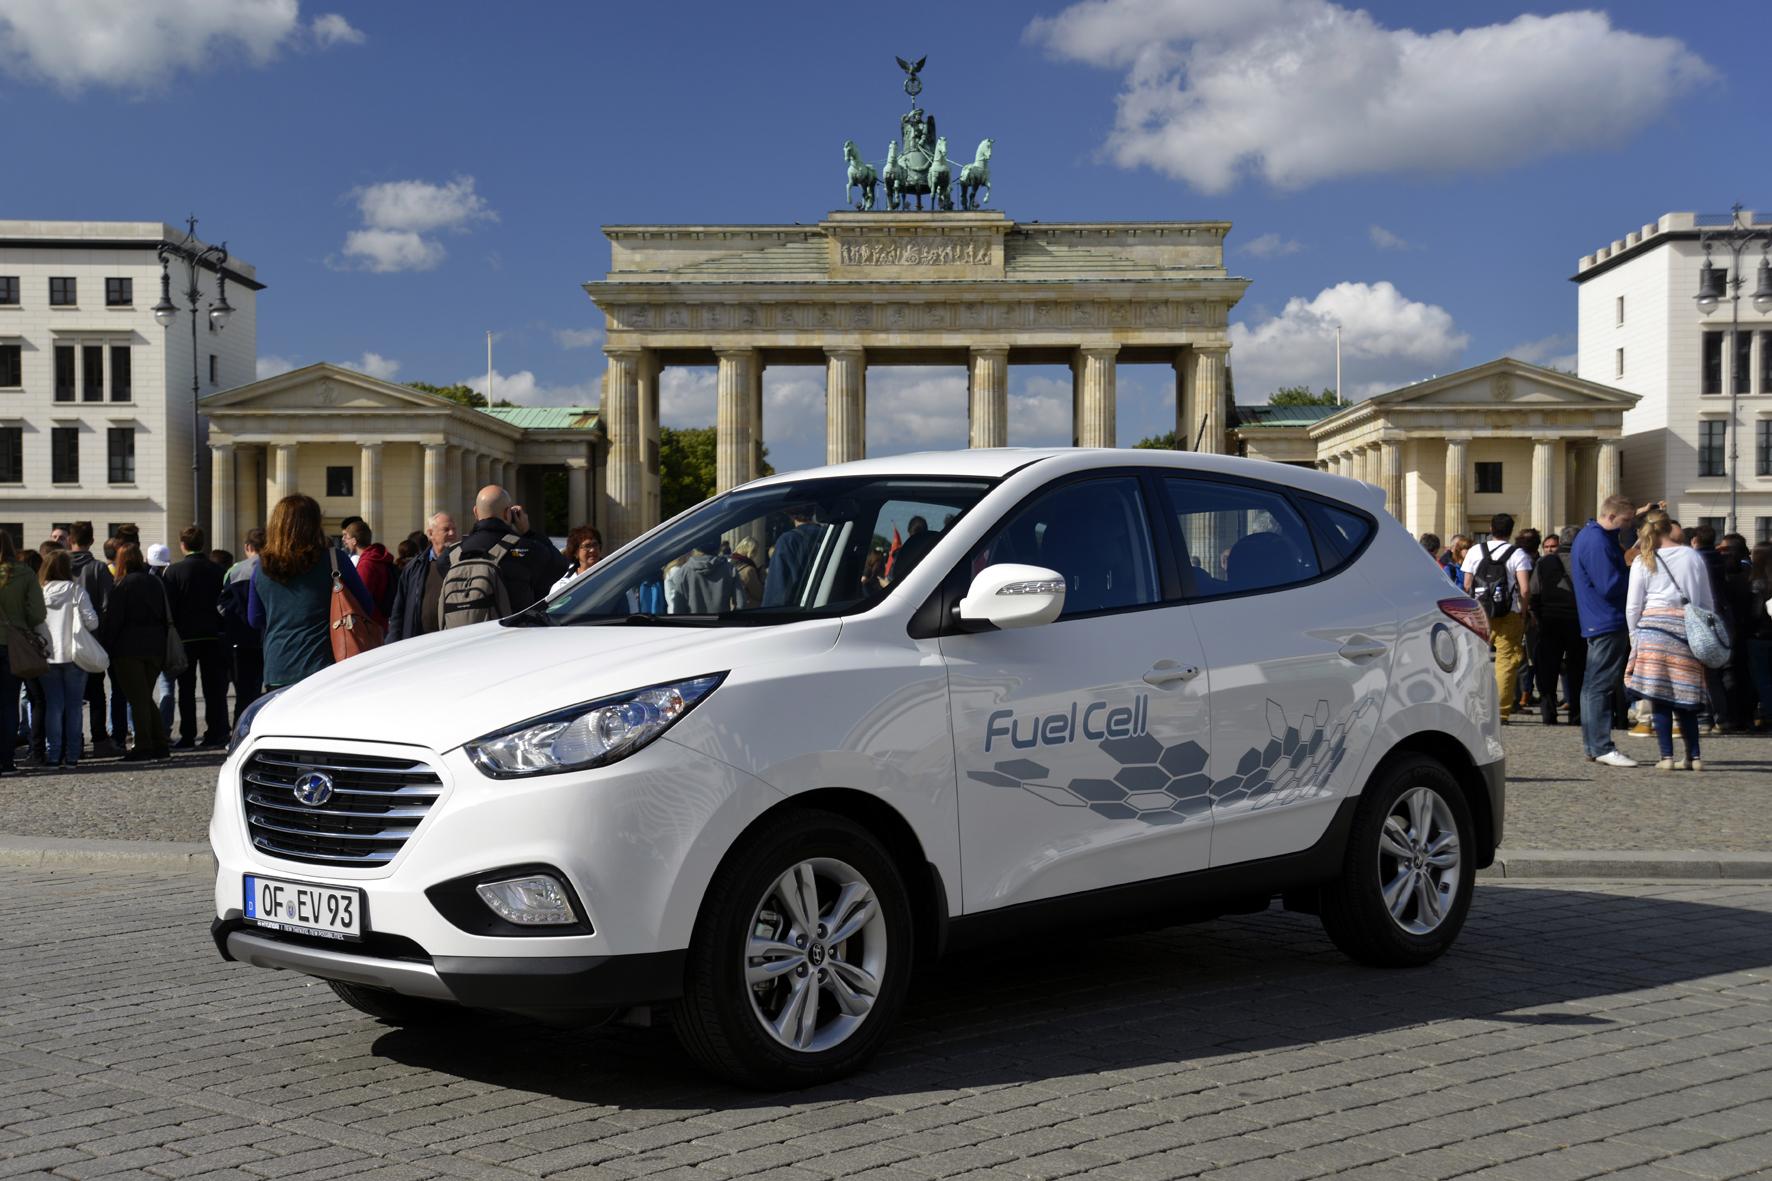 mid Groß-Gerau - Mehr Wasserstoffautos braucht das Land, doch die Verbreitung stockt. Nach der Einführung seines ersten Brennstoffzellen-Serienfahrzeugs ix35 Fuel Cell packt Hyundai jetzt bei der Infrastruktur mit an.